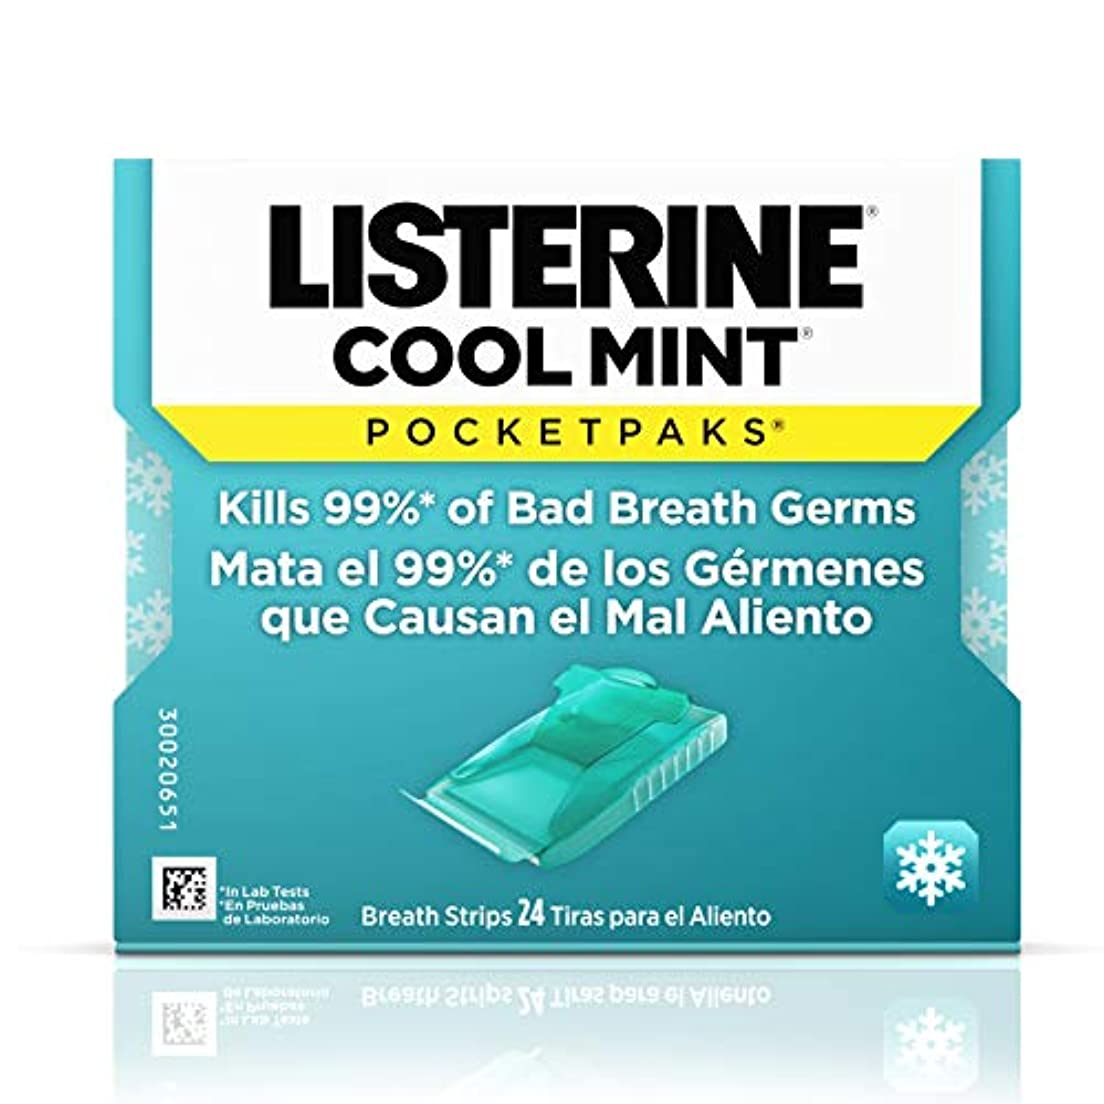 噴水キャリッジ不忠リステリン Listerine Pocketpaks Breath Strips Cool Mint 24-Count (Pack of 12)